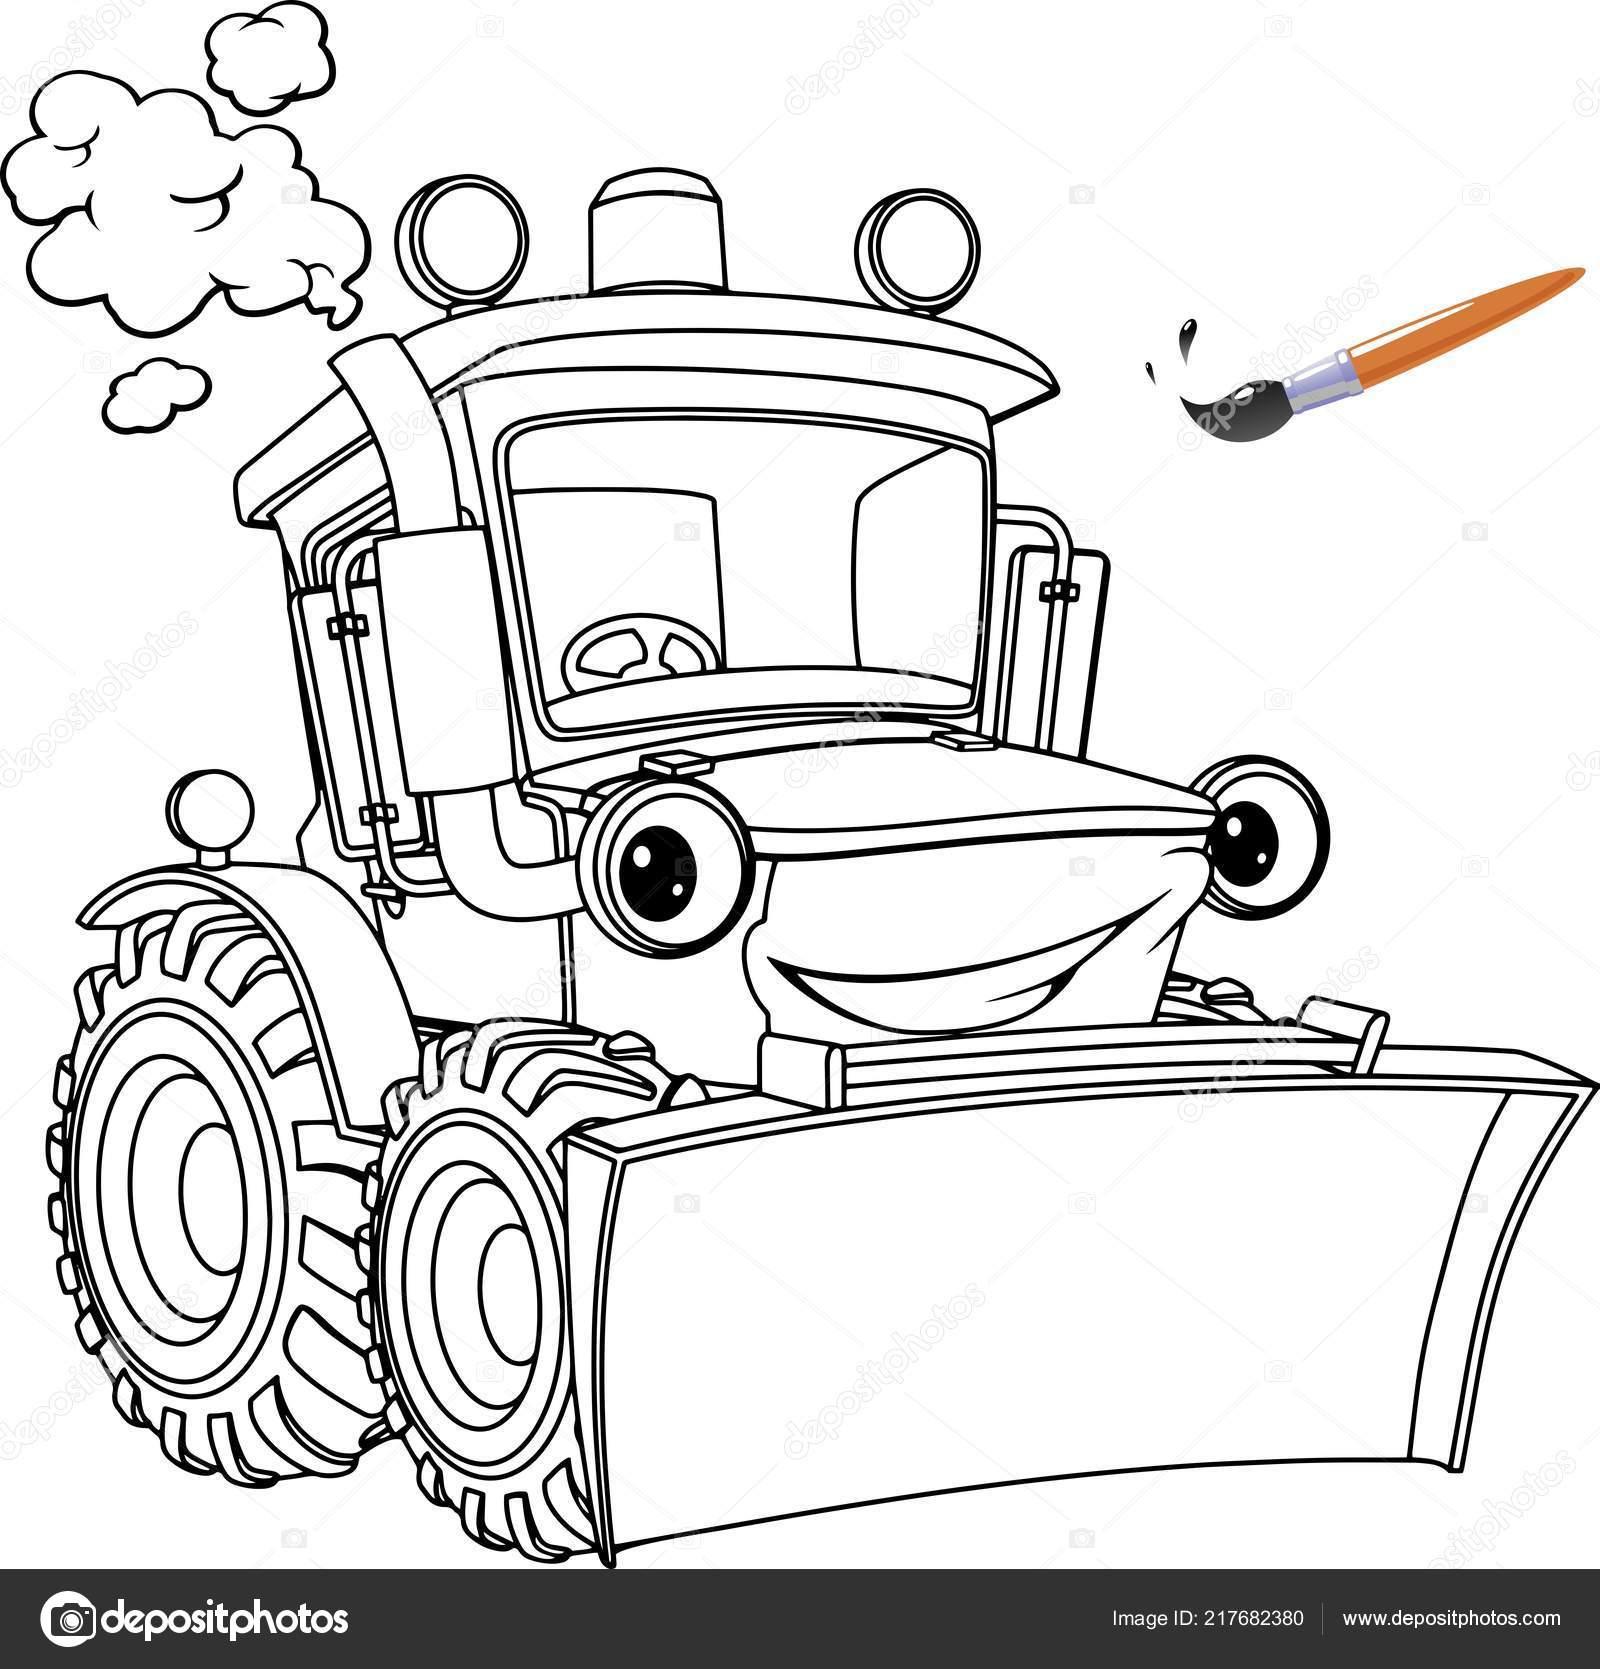 depositphotos_217682380-stockillustratie-grappige-trekker-bulldozer-kleurplaten-boekontwerpen.jpg